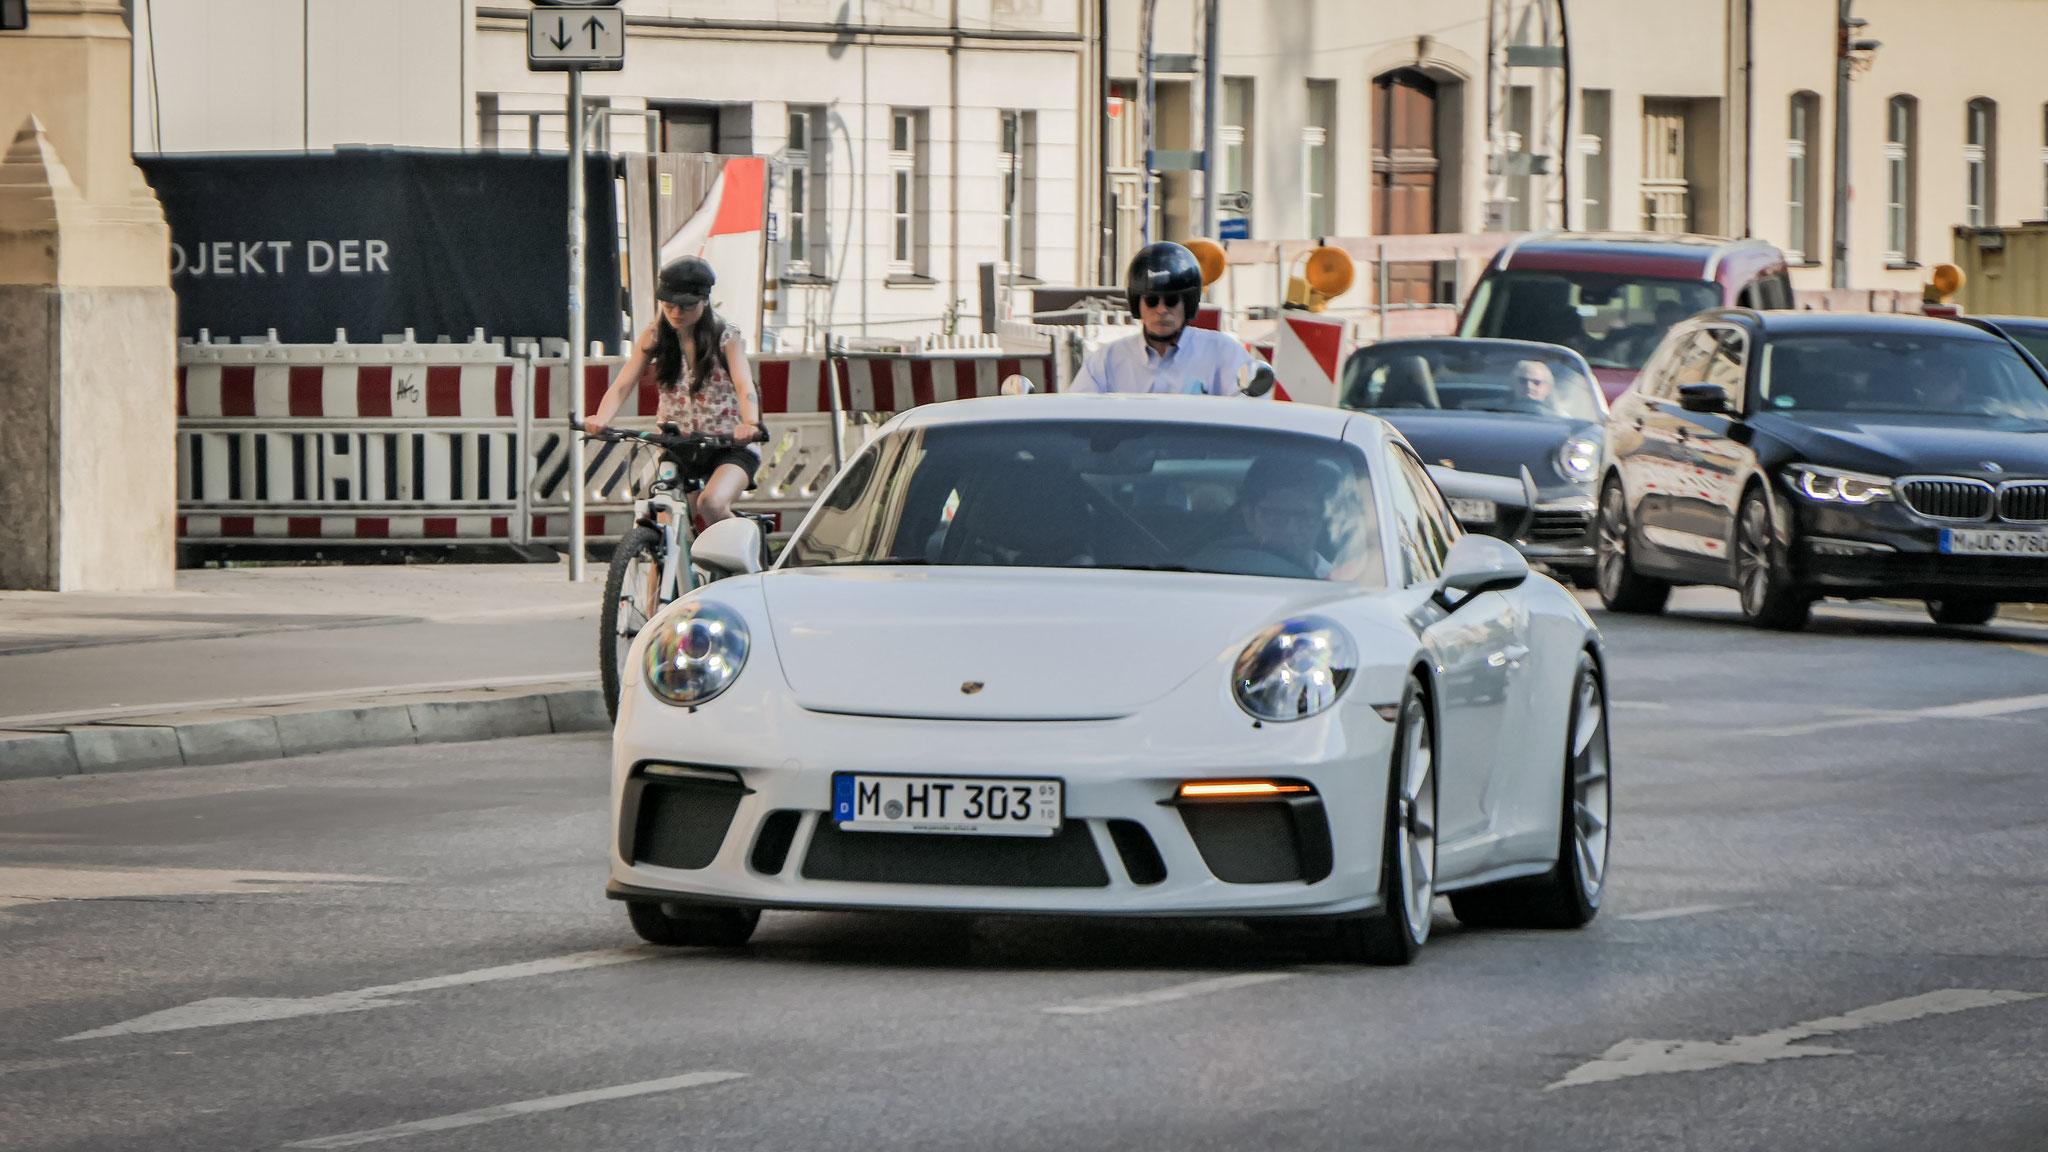 Porsche 991 GT3 - M-HT-303